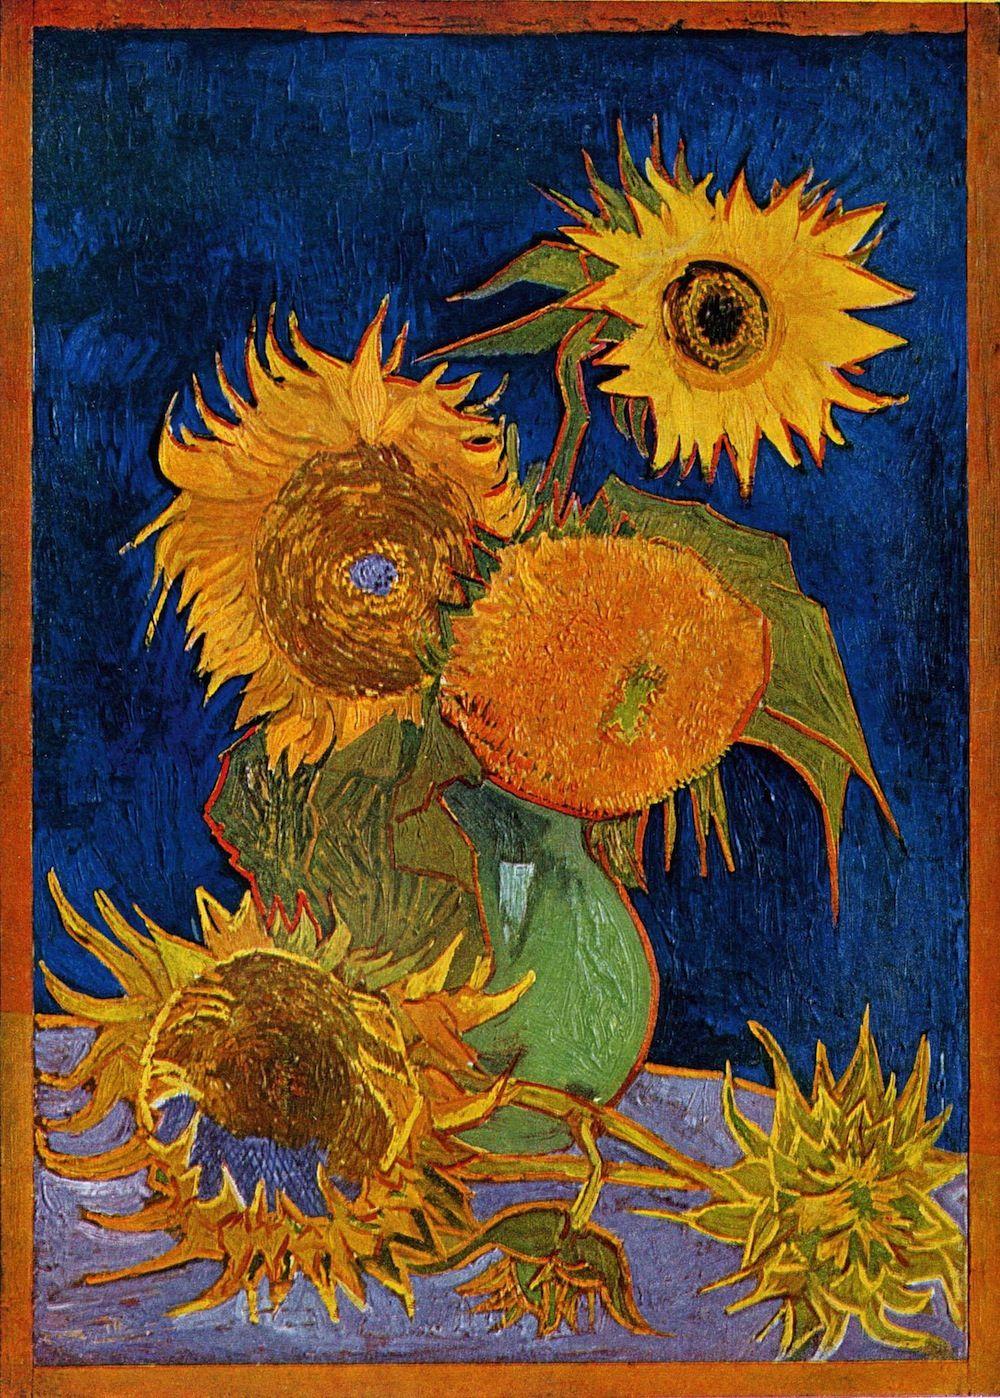 Sunflowers Van Gogh Series Wikipedia The Free Encyclopedia Van Gogh Art Van Gogh Paintings